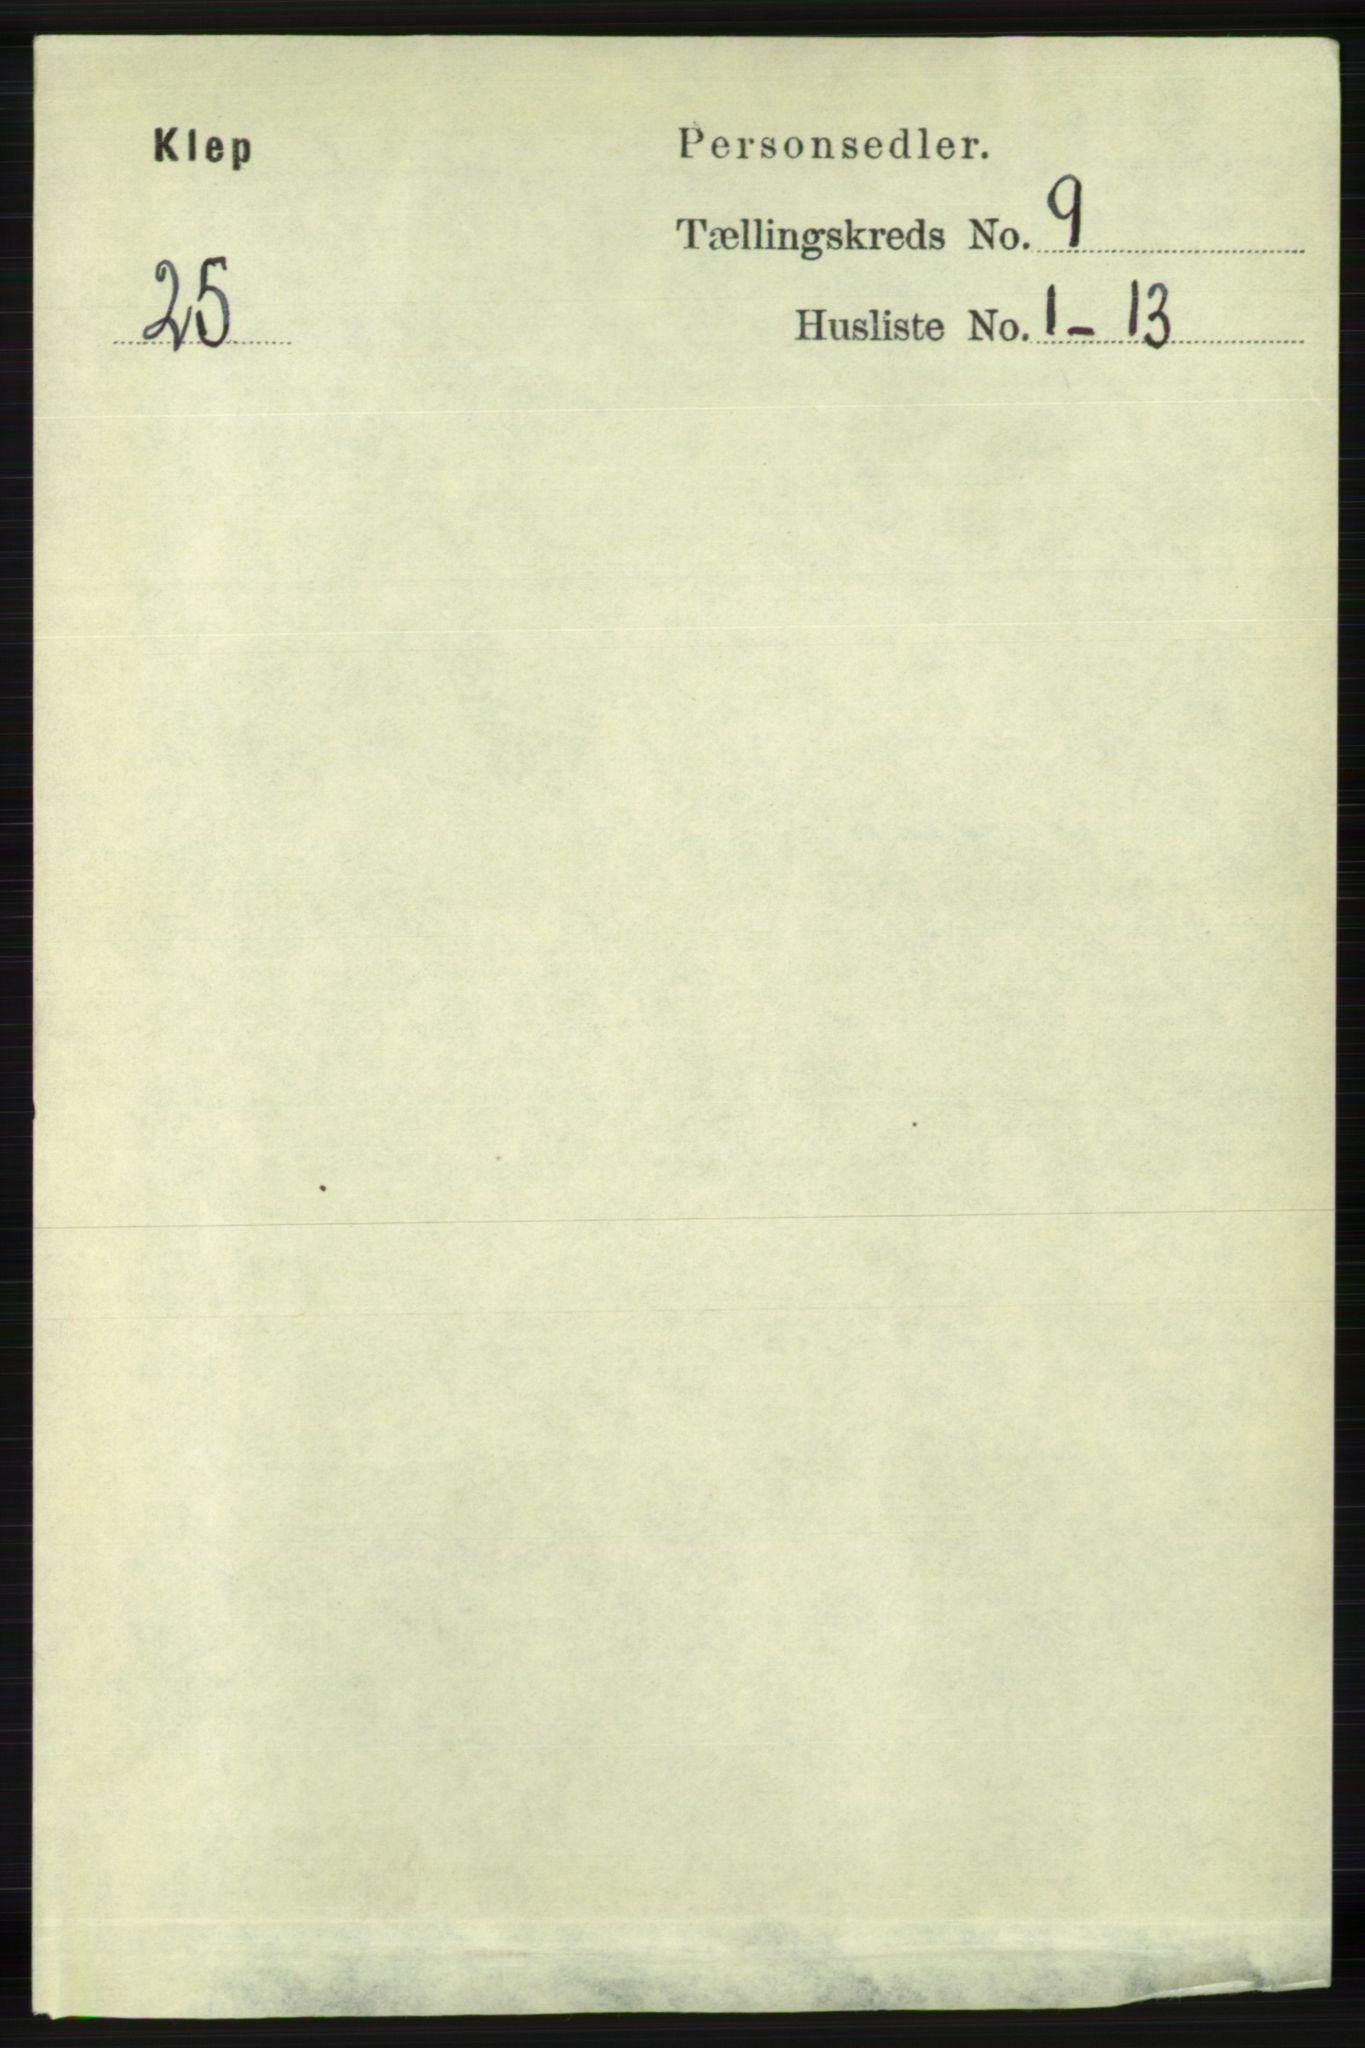 RA, Folketelling 1891 for 1120 Klepp herred, 1891, s. 2724